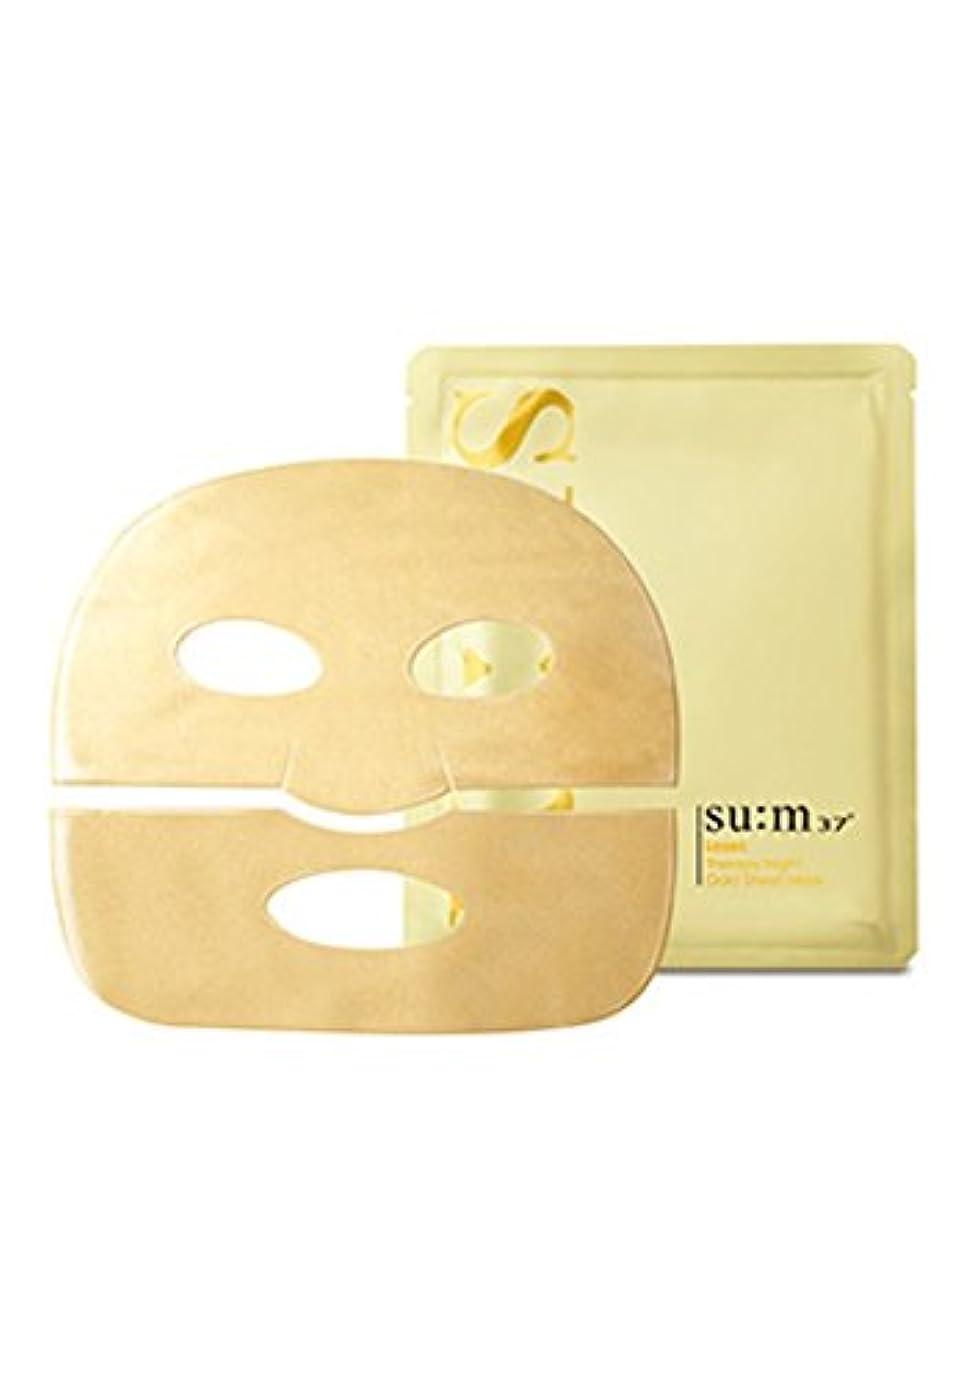 最近まっすぐ組み込むsu:m37° Losec Therapy Night Gold Sheet Mask 7Sheets/スム37° ロセック セラピー ナイト ゴールド シートマスク 7枚